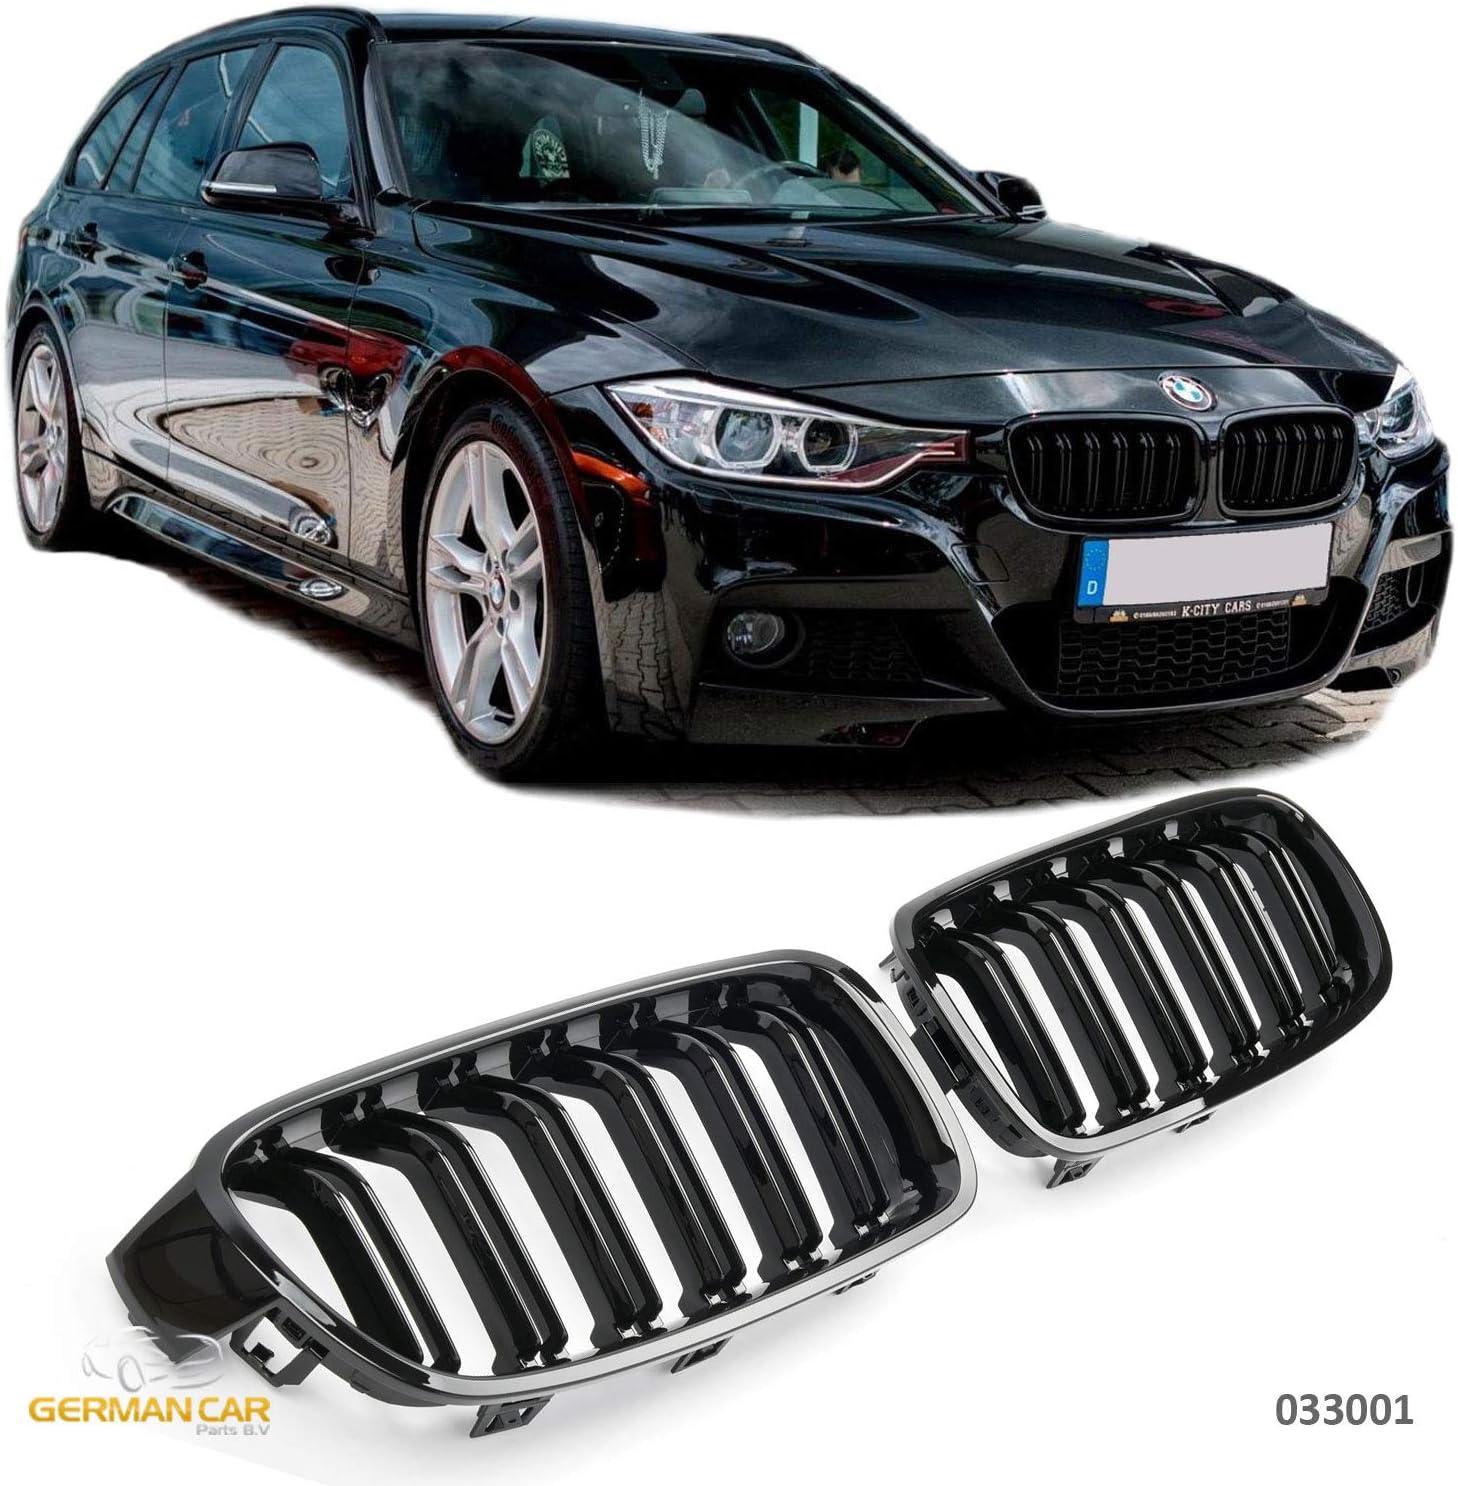 4 SERIES BRAND NEW RADIATOR TO FIT BMW 1 SERIES F20//F21//2 SERIES//3 SERIES F30